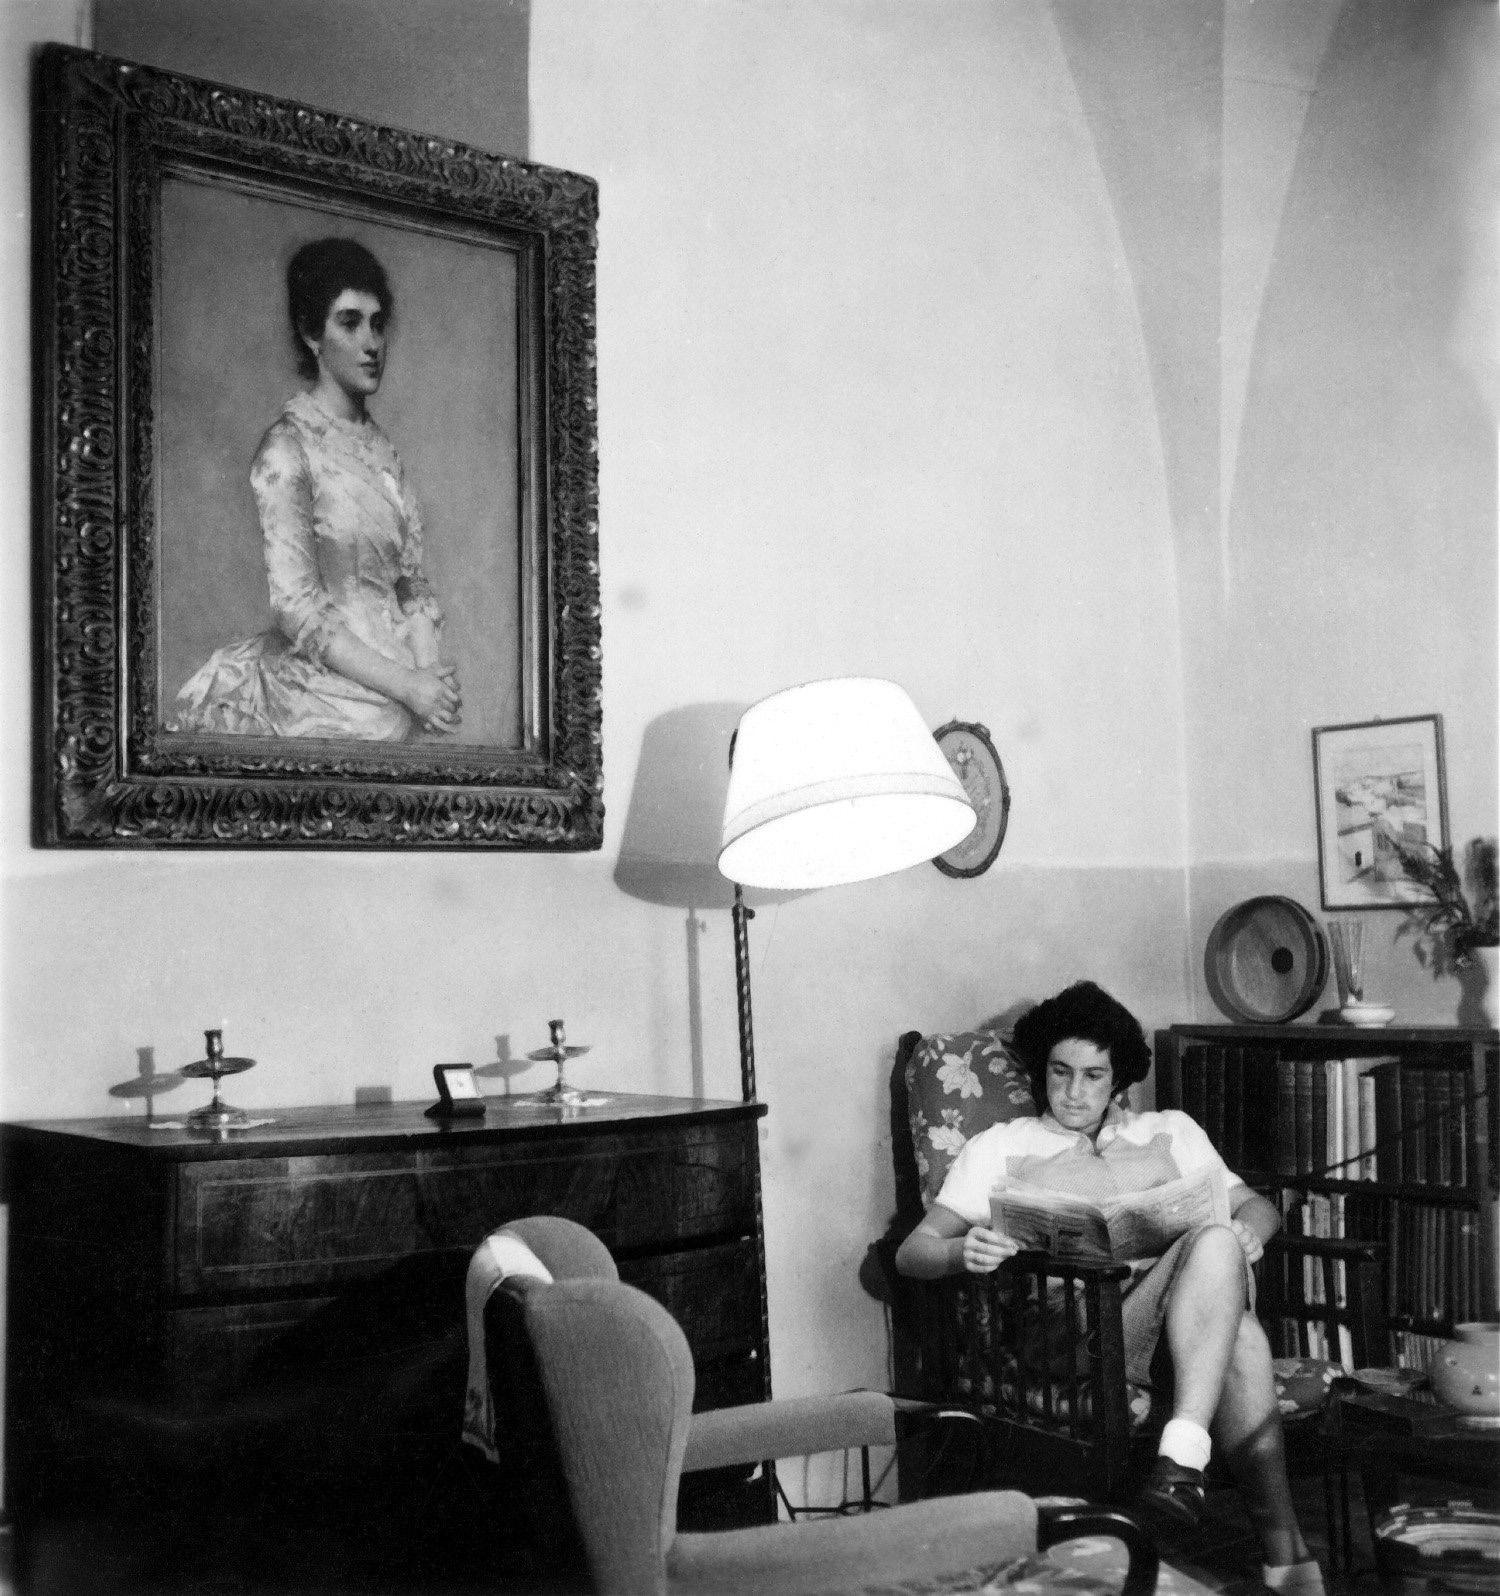 תלמה ילין קוראת בטרקלין ביתה בירושלים. מעליה מתנוסס דיוקן מצויר שלה